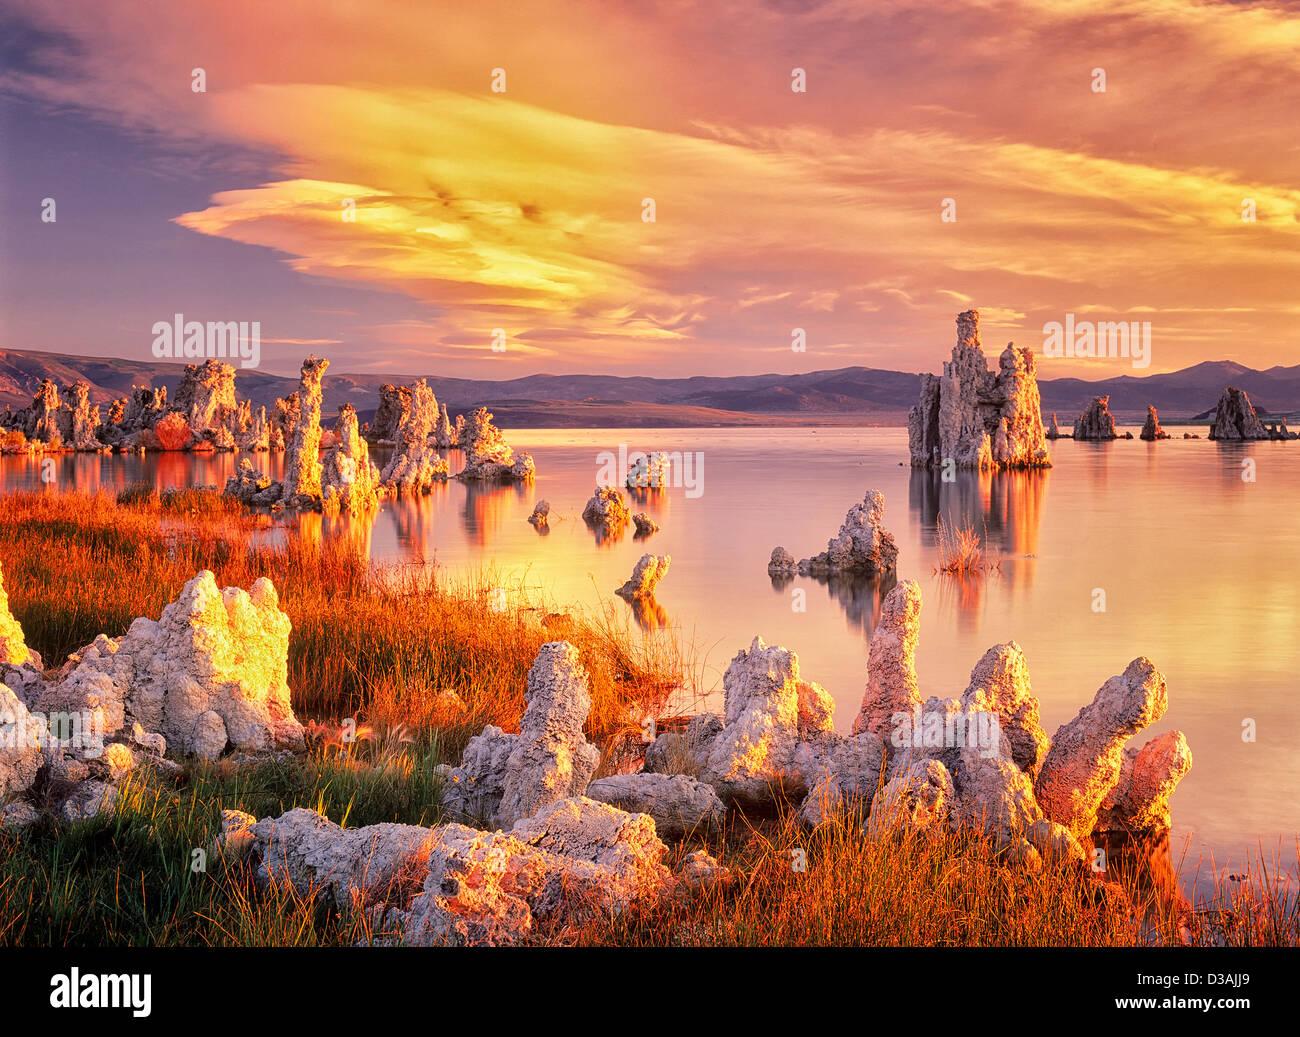 Tufa at Mono Lake with sunrise. California - Stock Image